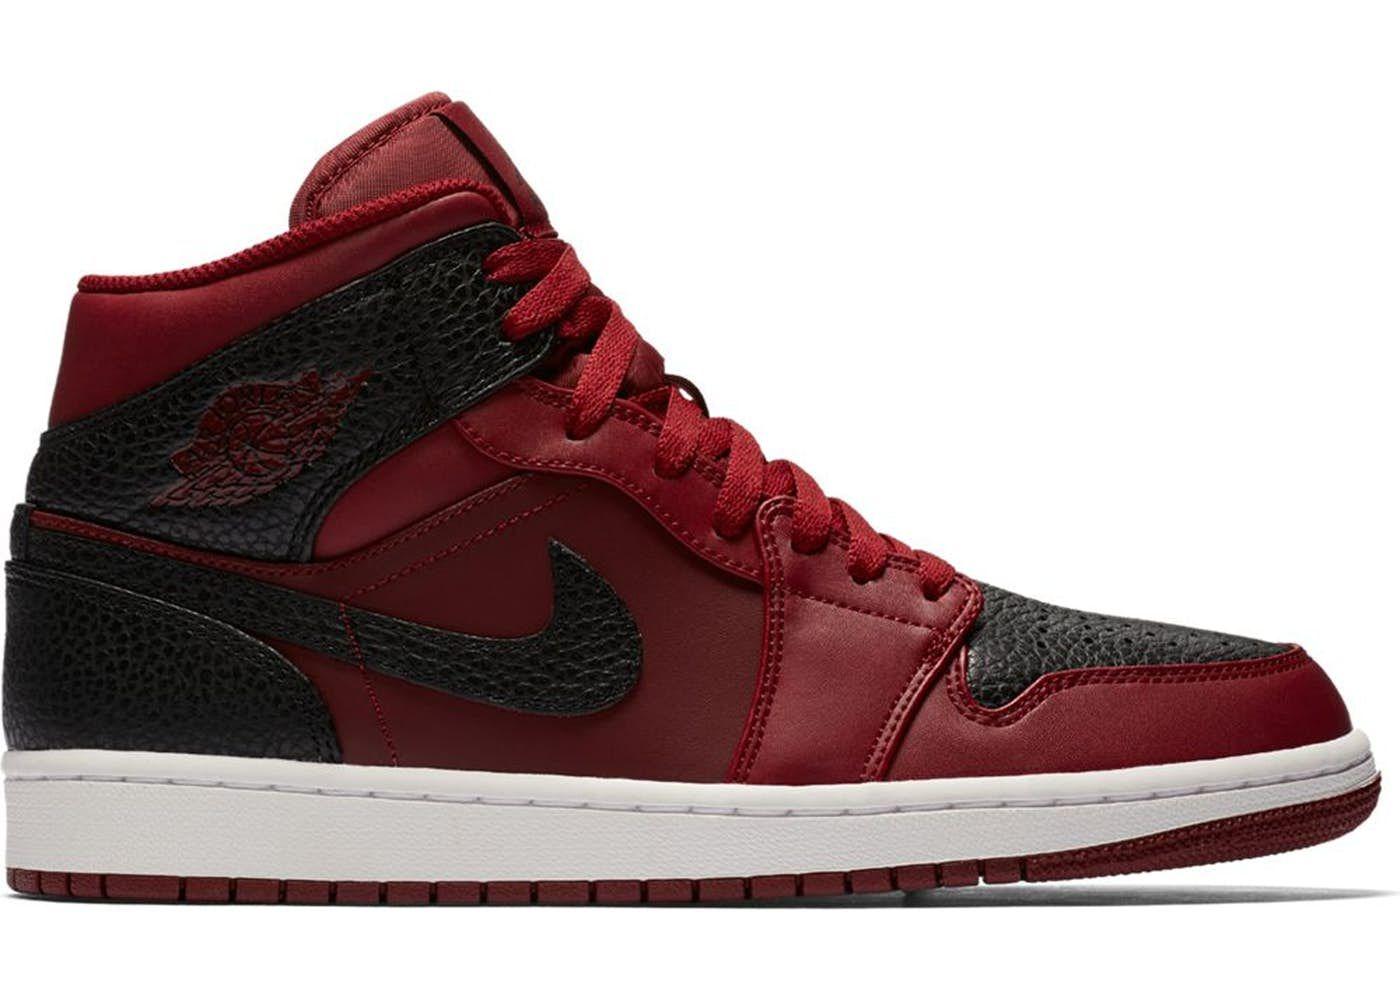 d766e5be9bb3 Jordan 1 Retro Mid Team Red Black